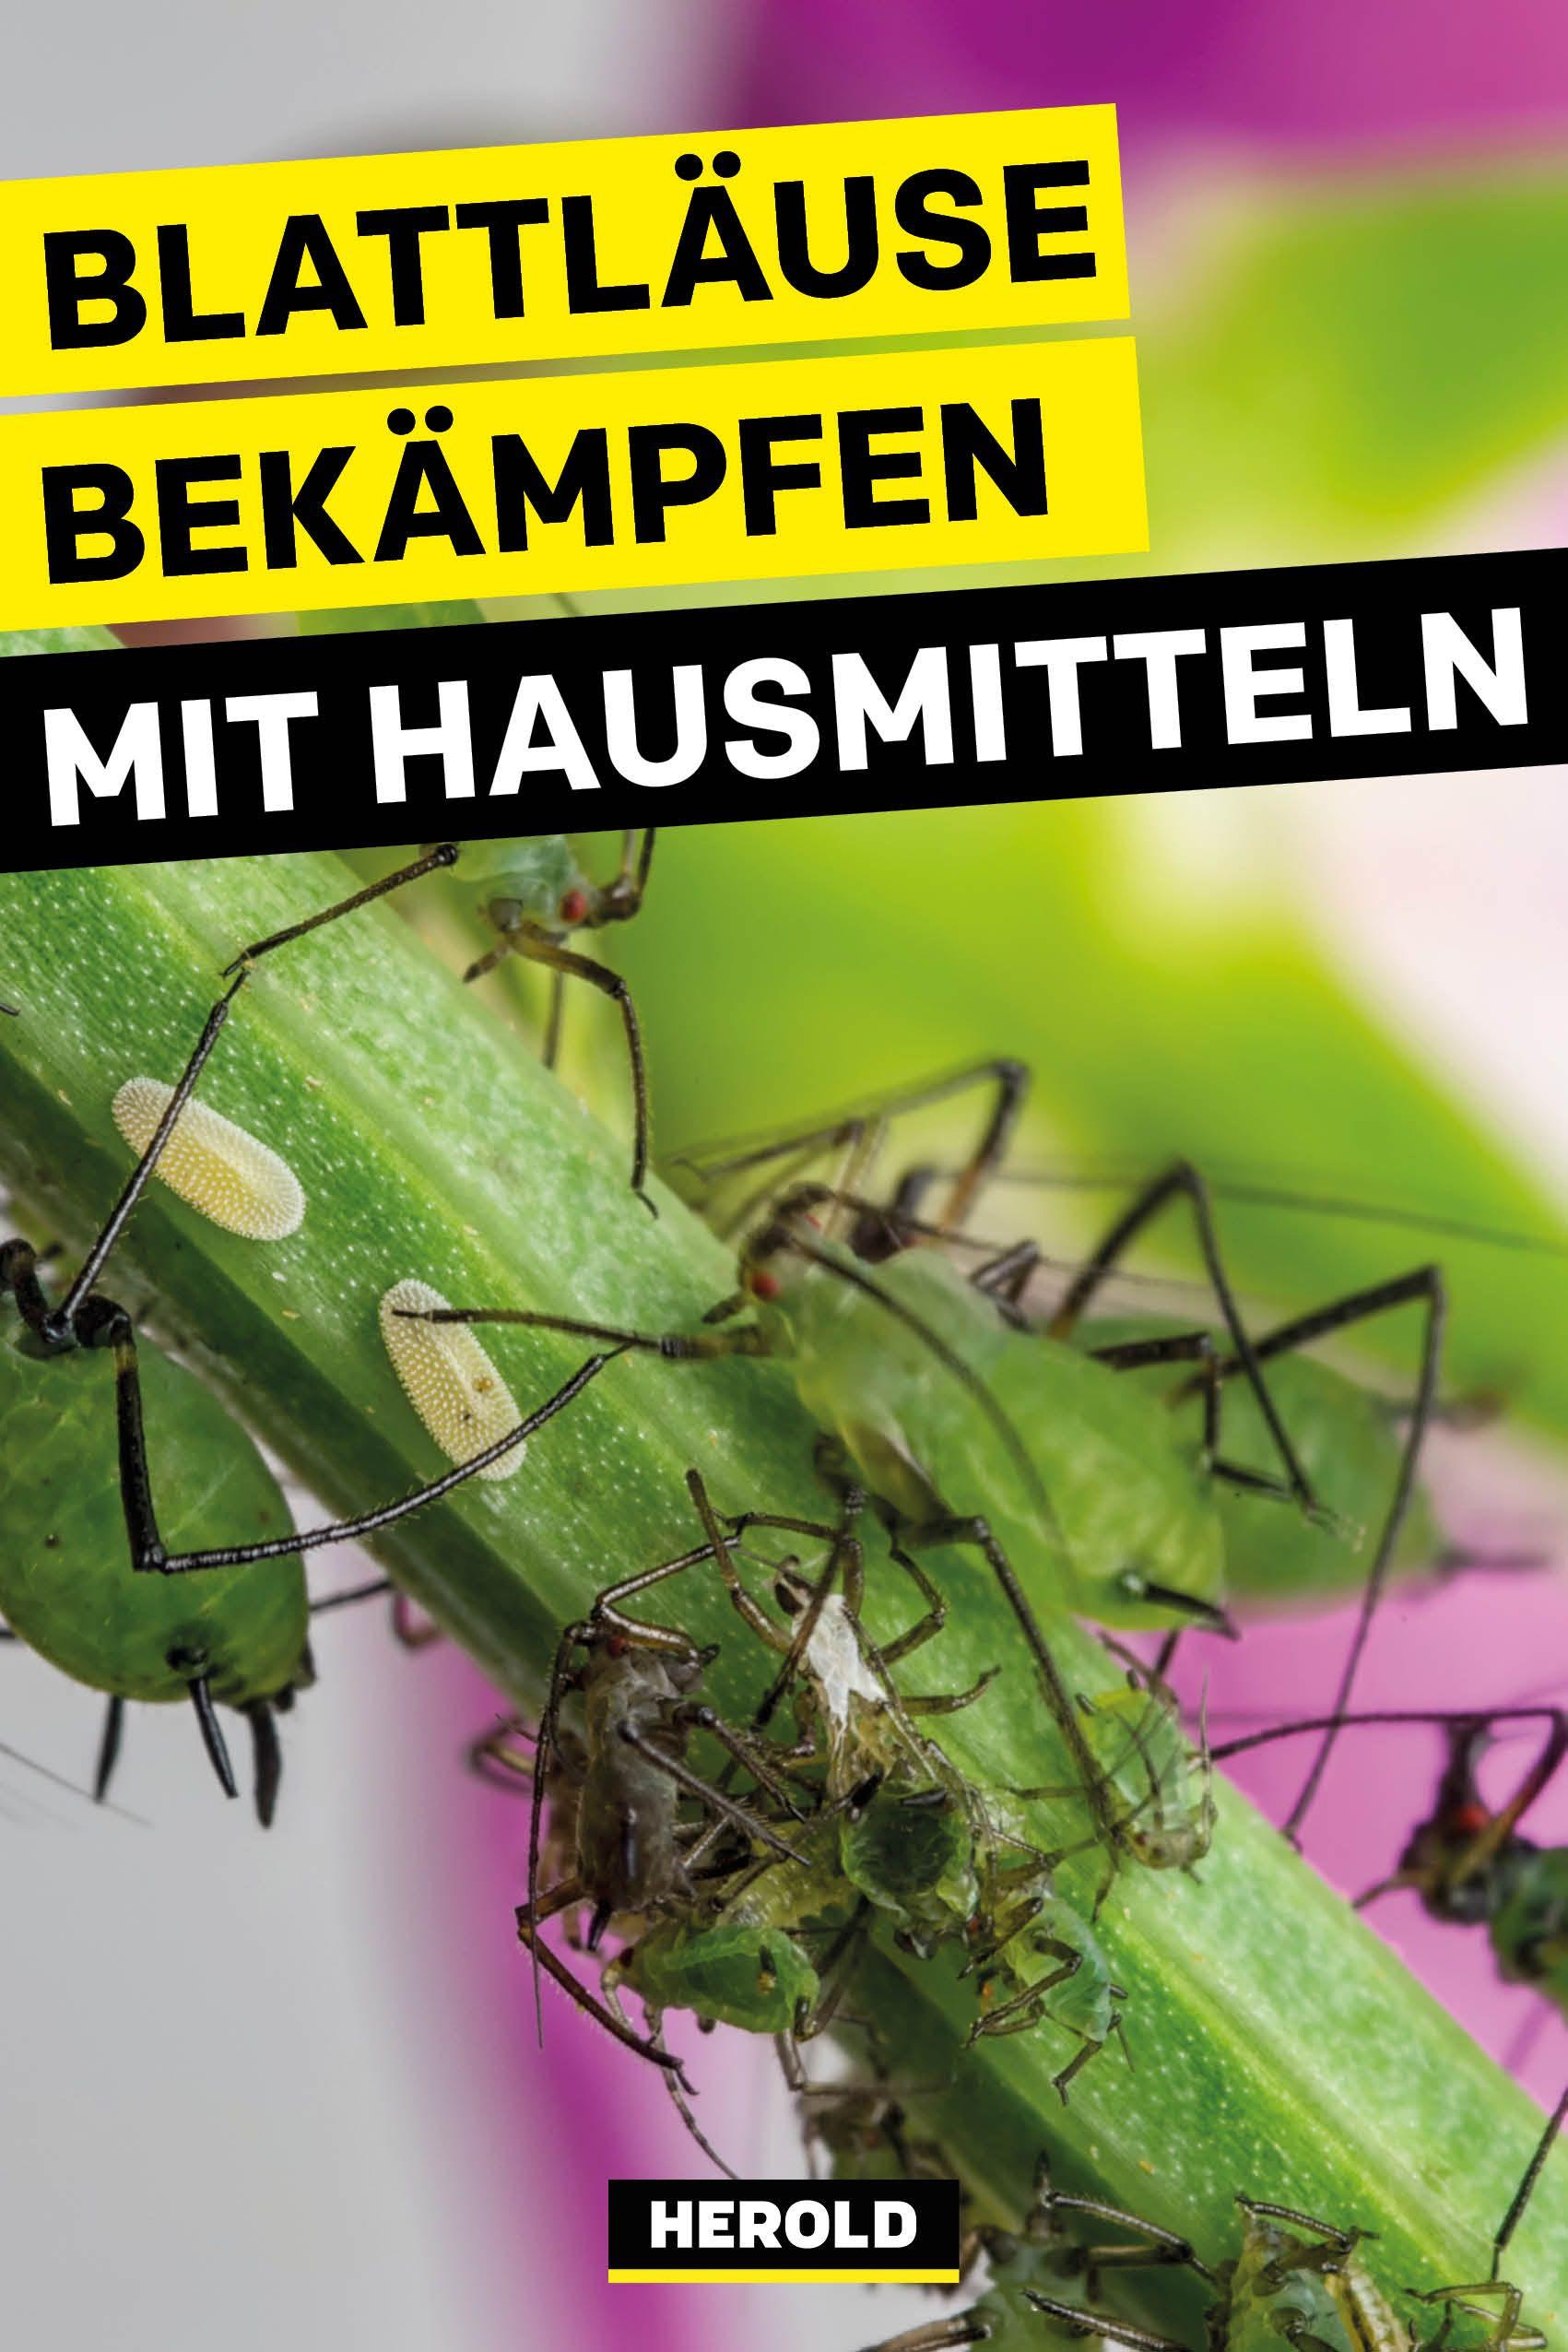 55 Schädlinge Bekämpfen Garten Haus Ideen Schädlinge Im Haus Ameisen Im Haus Was Hilft Gegen Ameisen